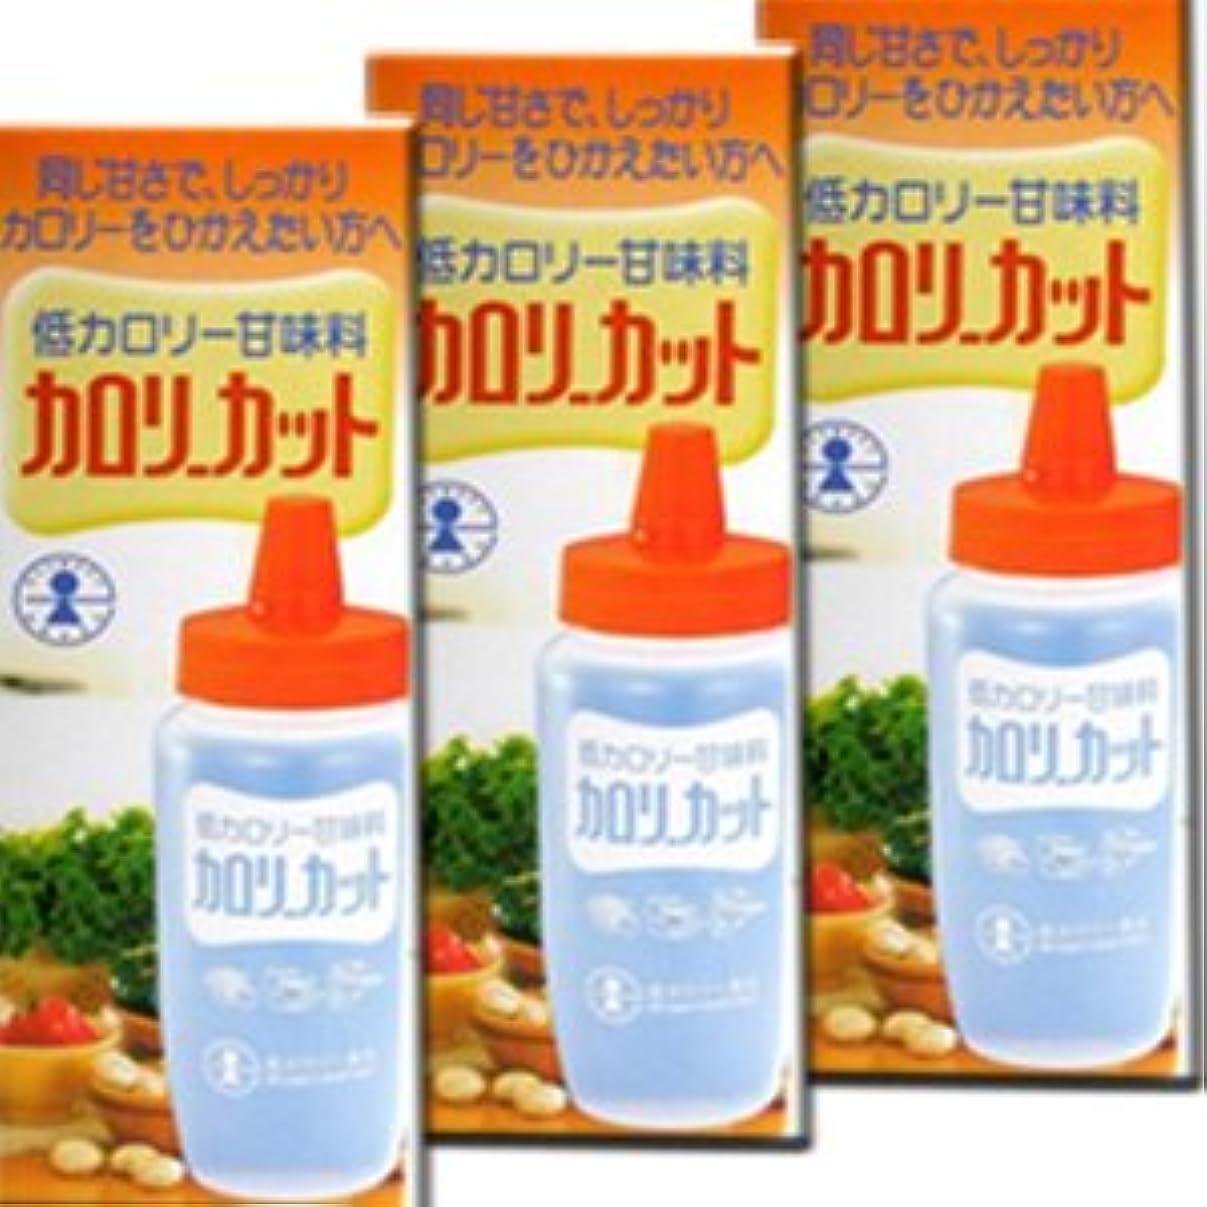 ジャムライドドレイン【3個】低カロリー甘味料 カロリーカット 500gx3個 (4970511225000)